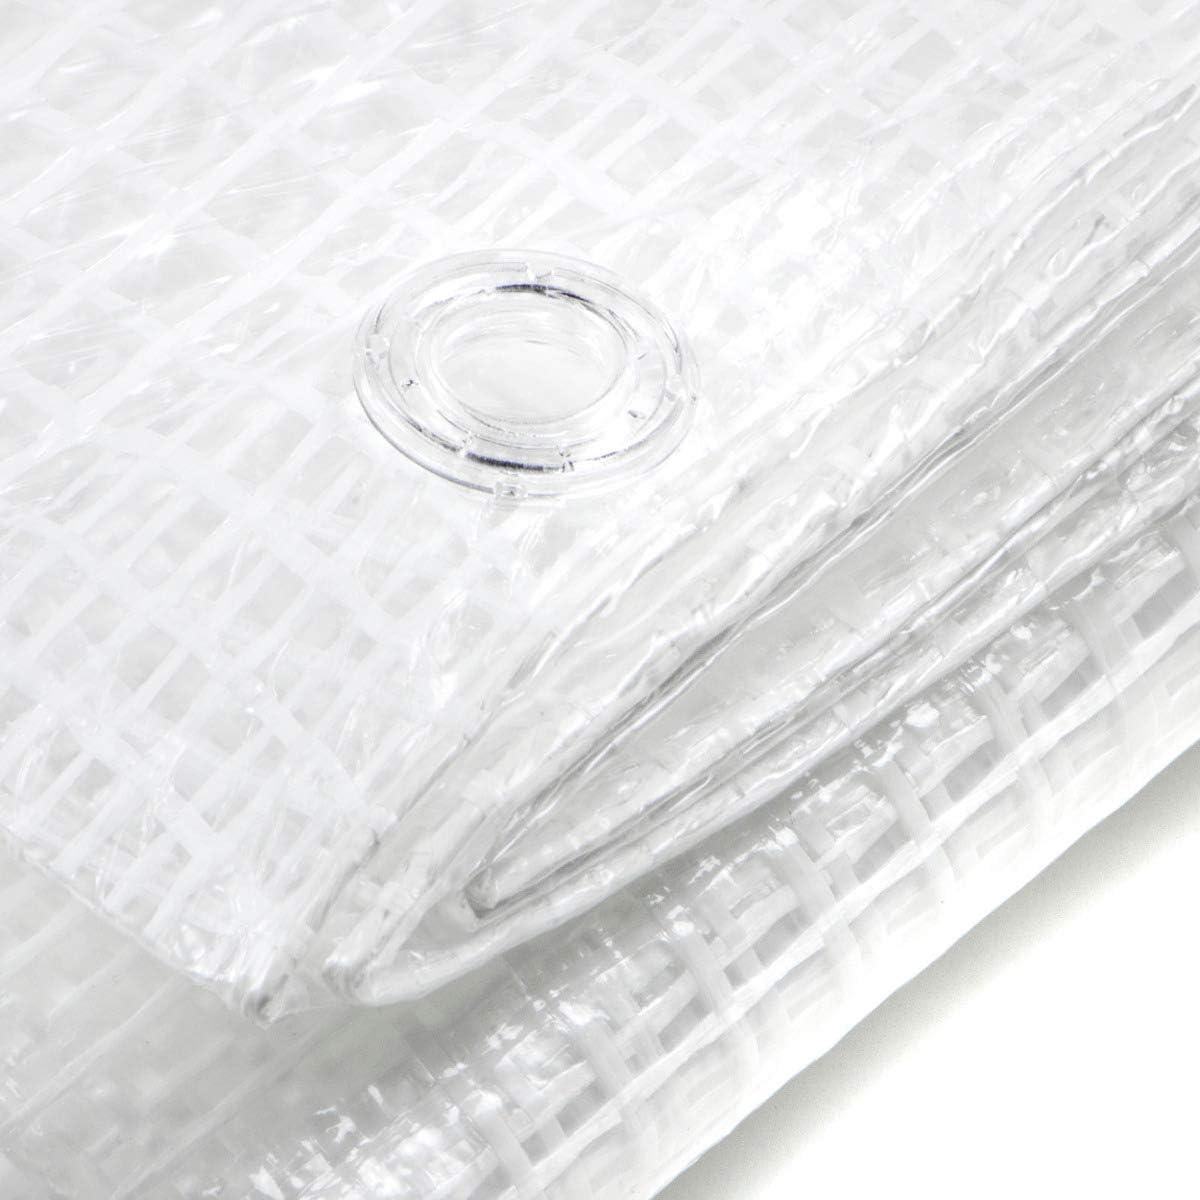 TELONE OCCHIELLATO RETINATO IN PVC RINFORZATO da 140 gr.//mq. Misura 3,5x4,0 mt.